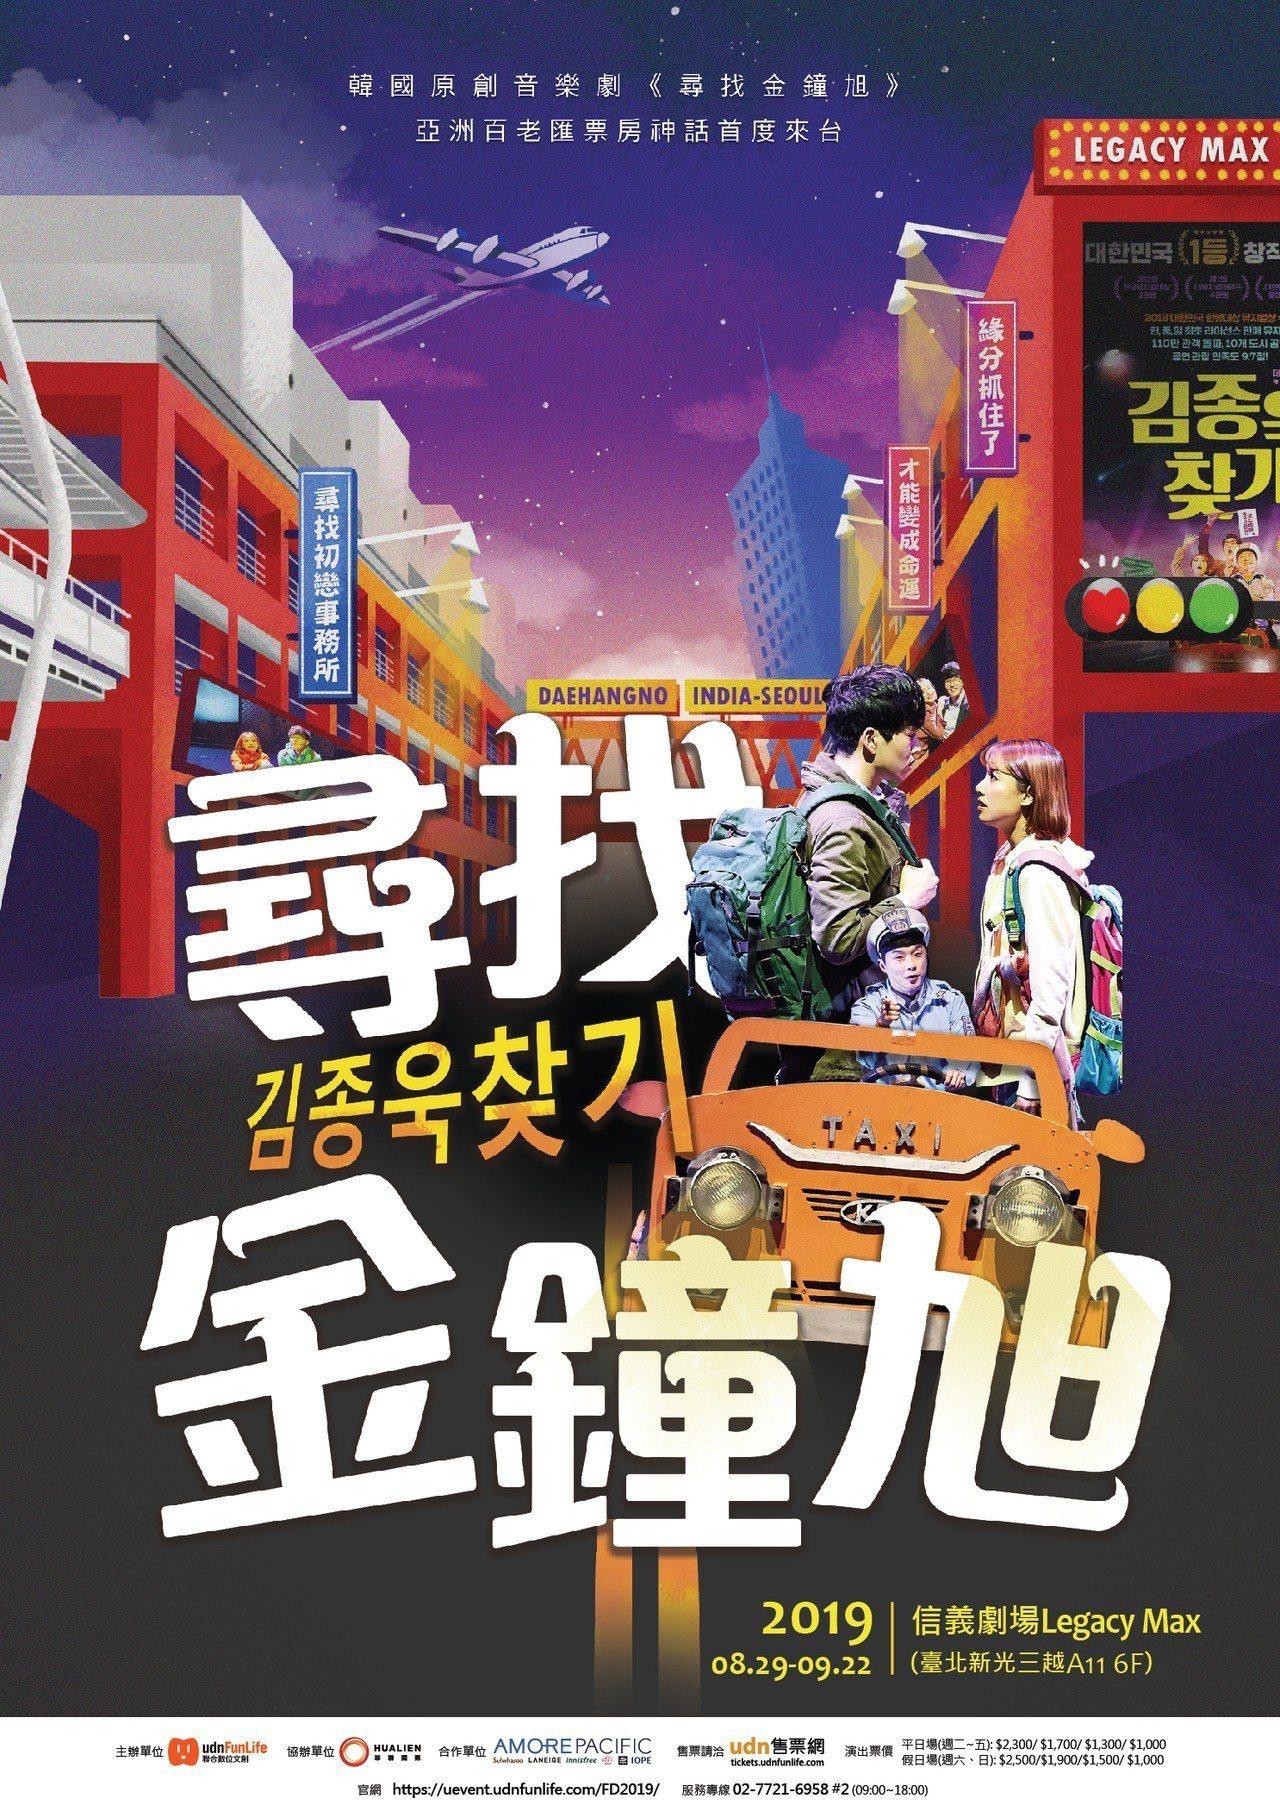 「尋找金鐘旭」為南韓最賣座原創音樂劇,演出至今已累積百萬人次觀賞。 圖/聯合數位...